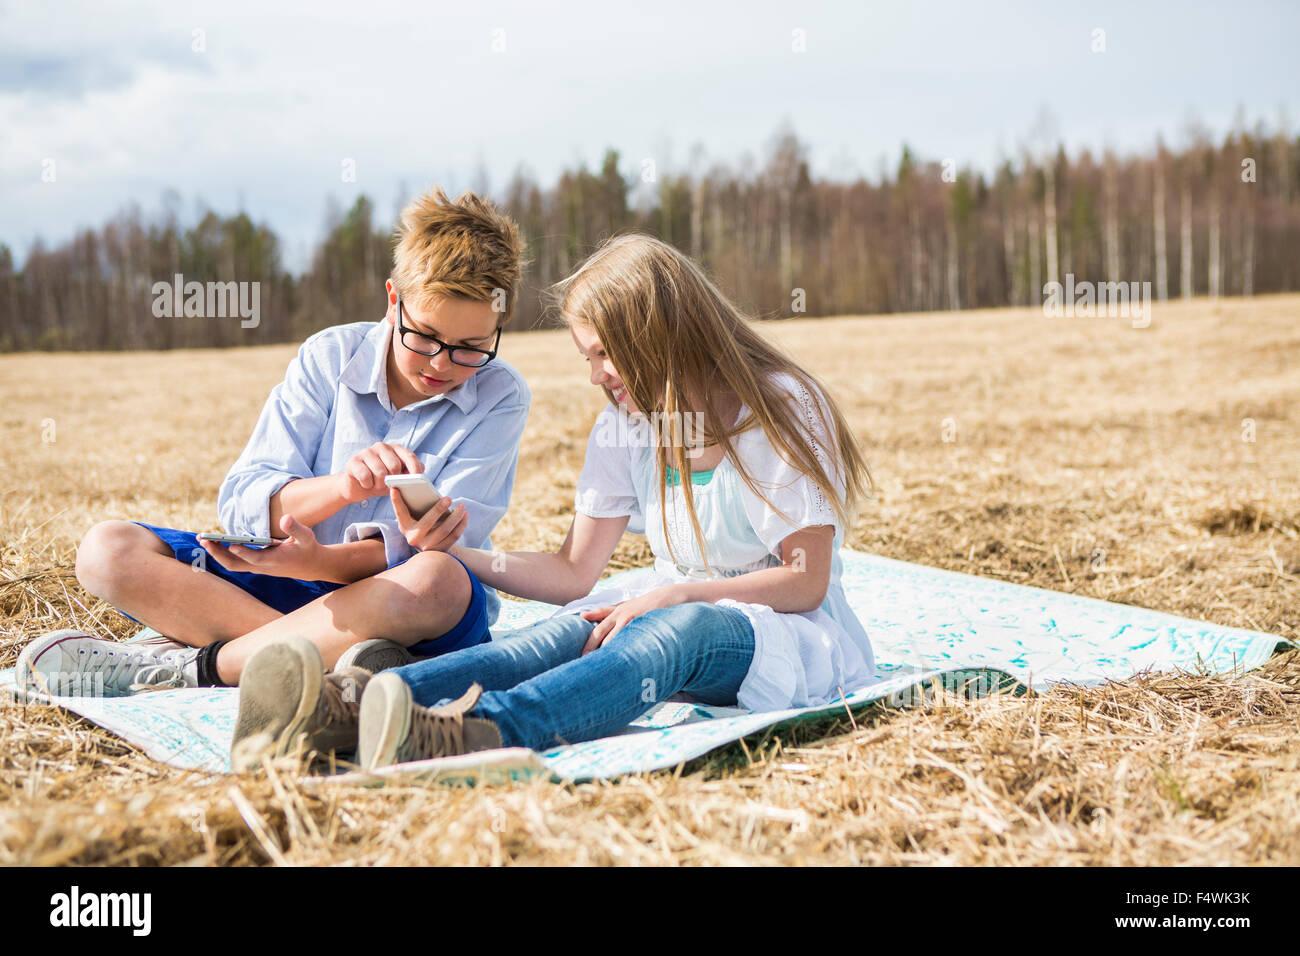 Finlandia, Keski-Suomi, Aanekoski, ragazza (12-13) e ragazzo (12-13) seduti su una coperta in campo e alla ricerca Immagini Stock